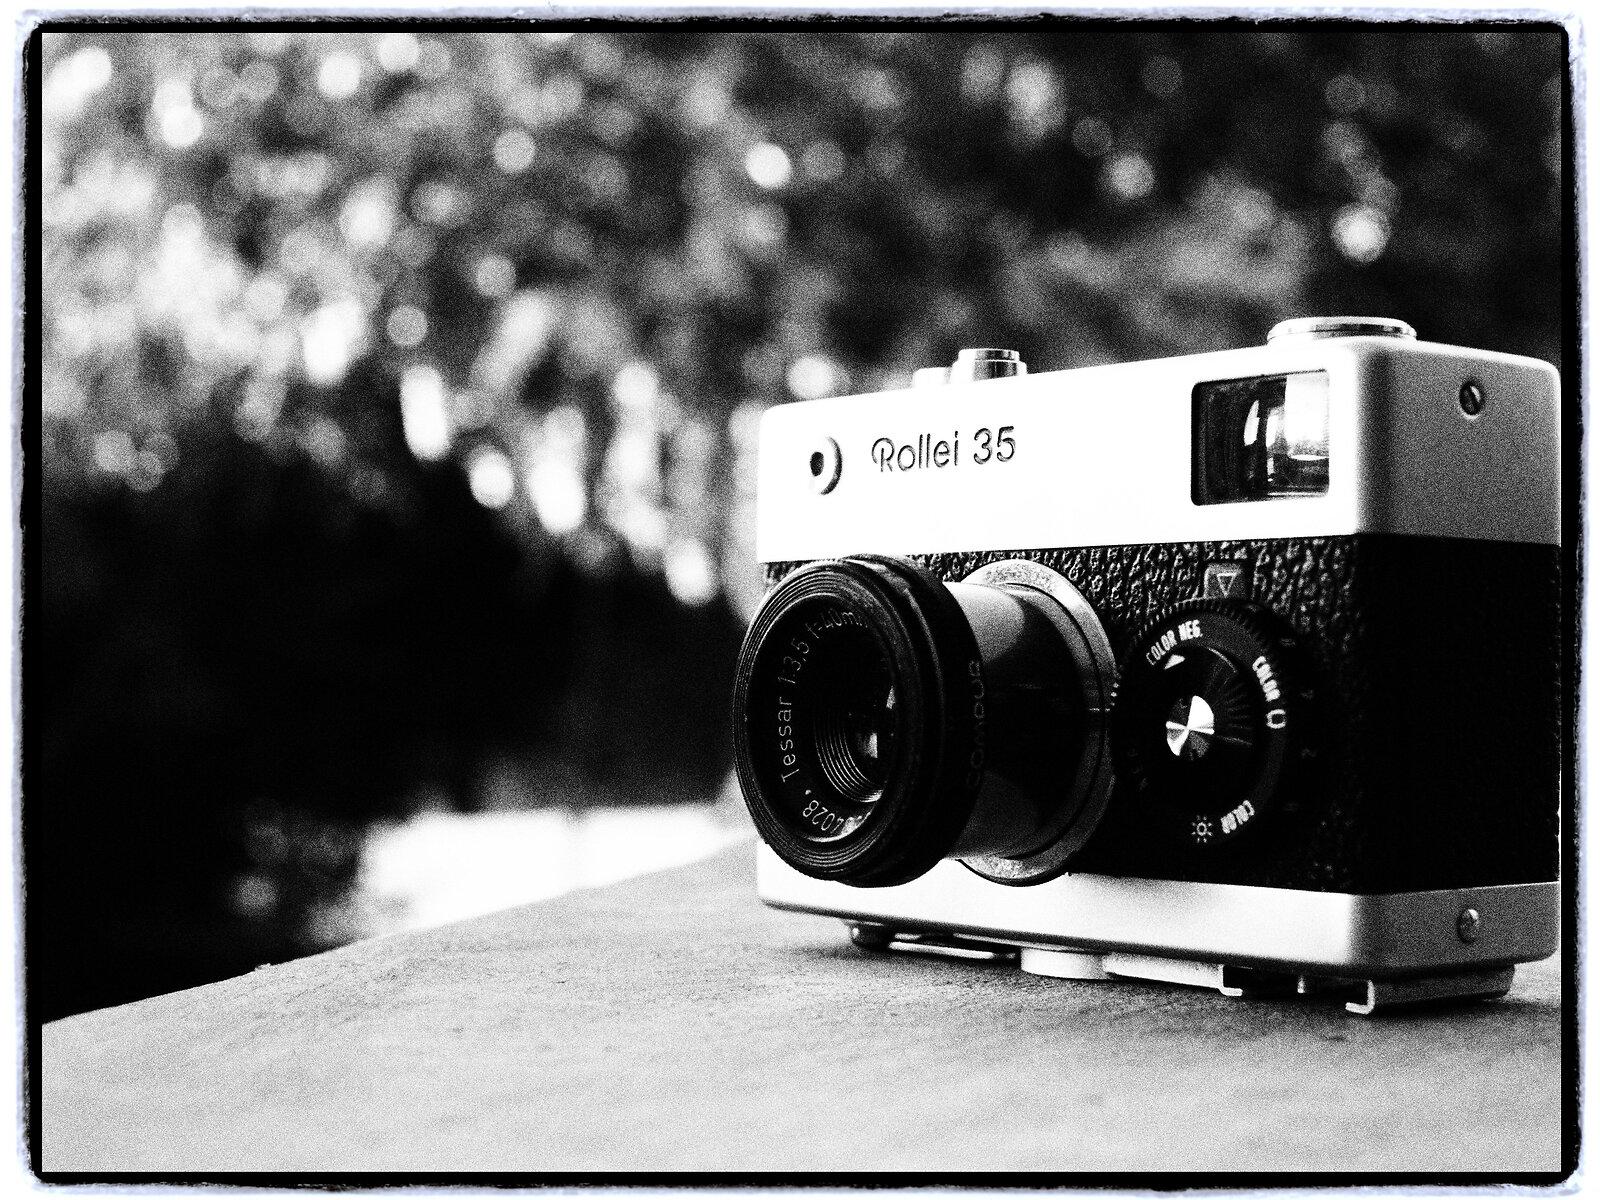 EP3_July21_Rollei35_f5.6(GrainyFilm).jpg